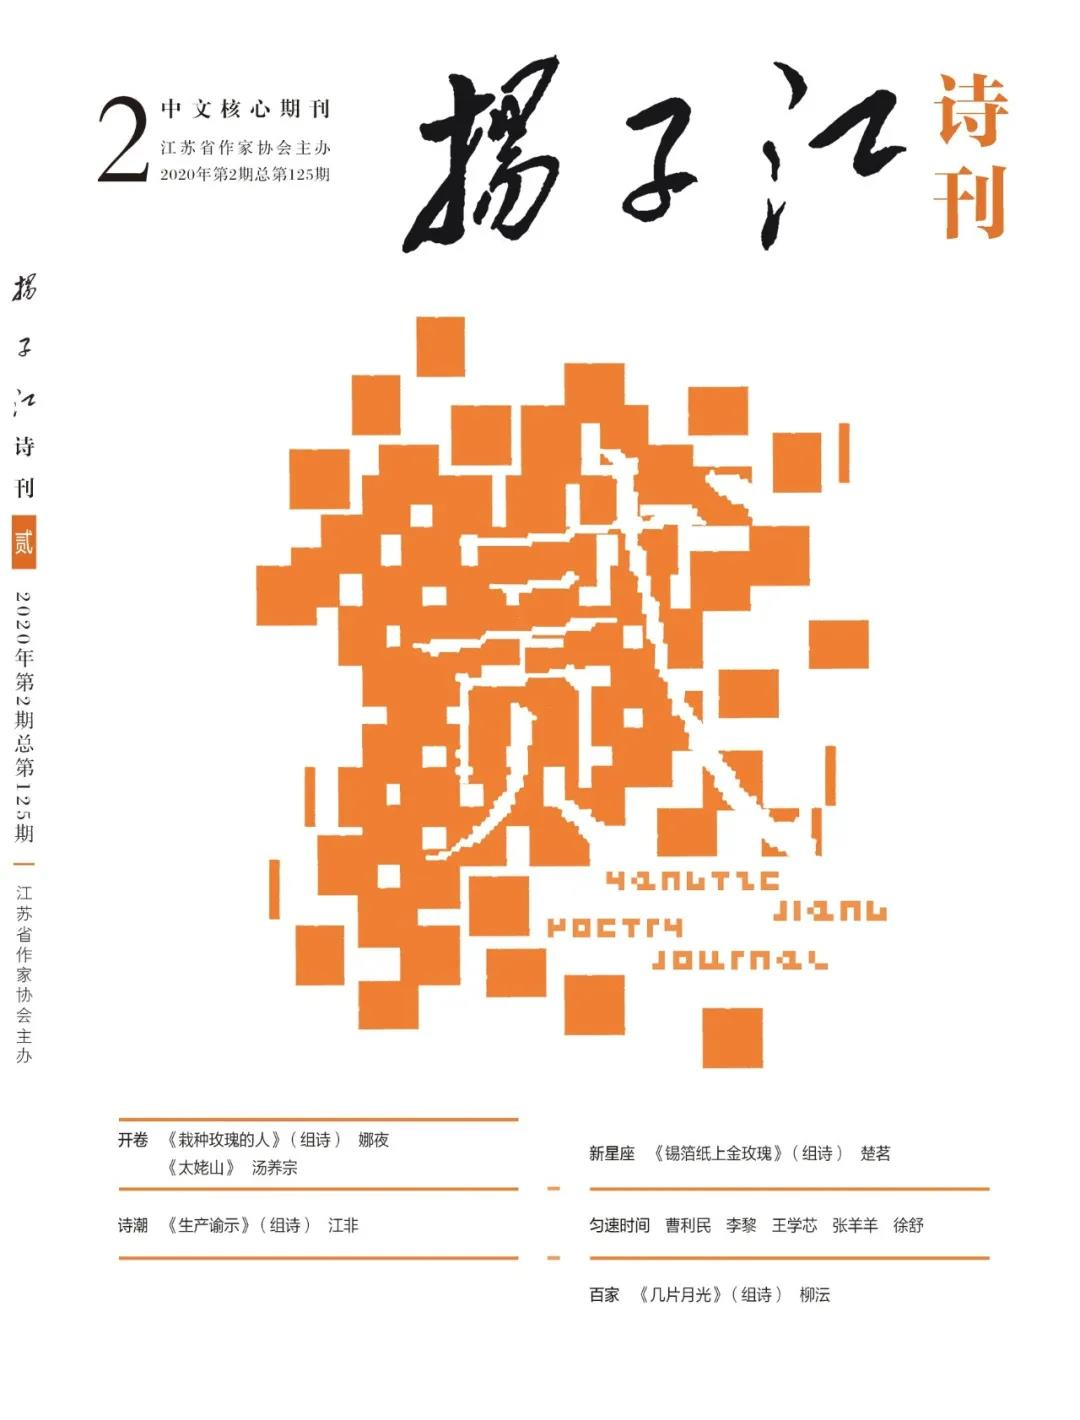 《扬子江诗刊》2020年第2期